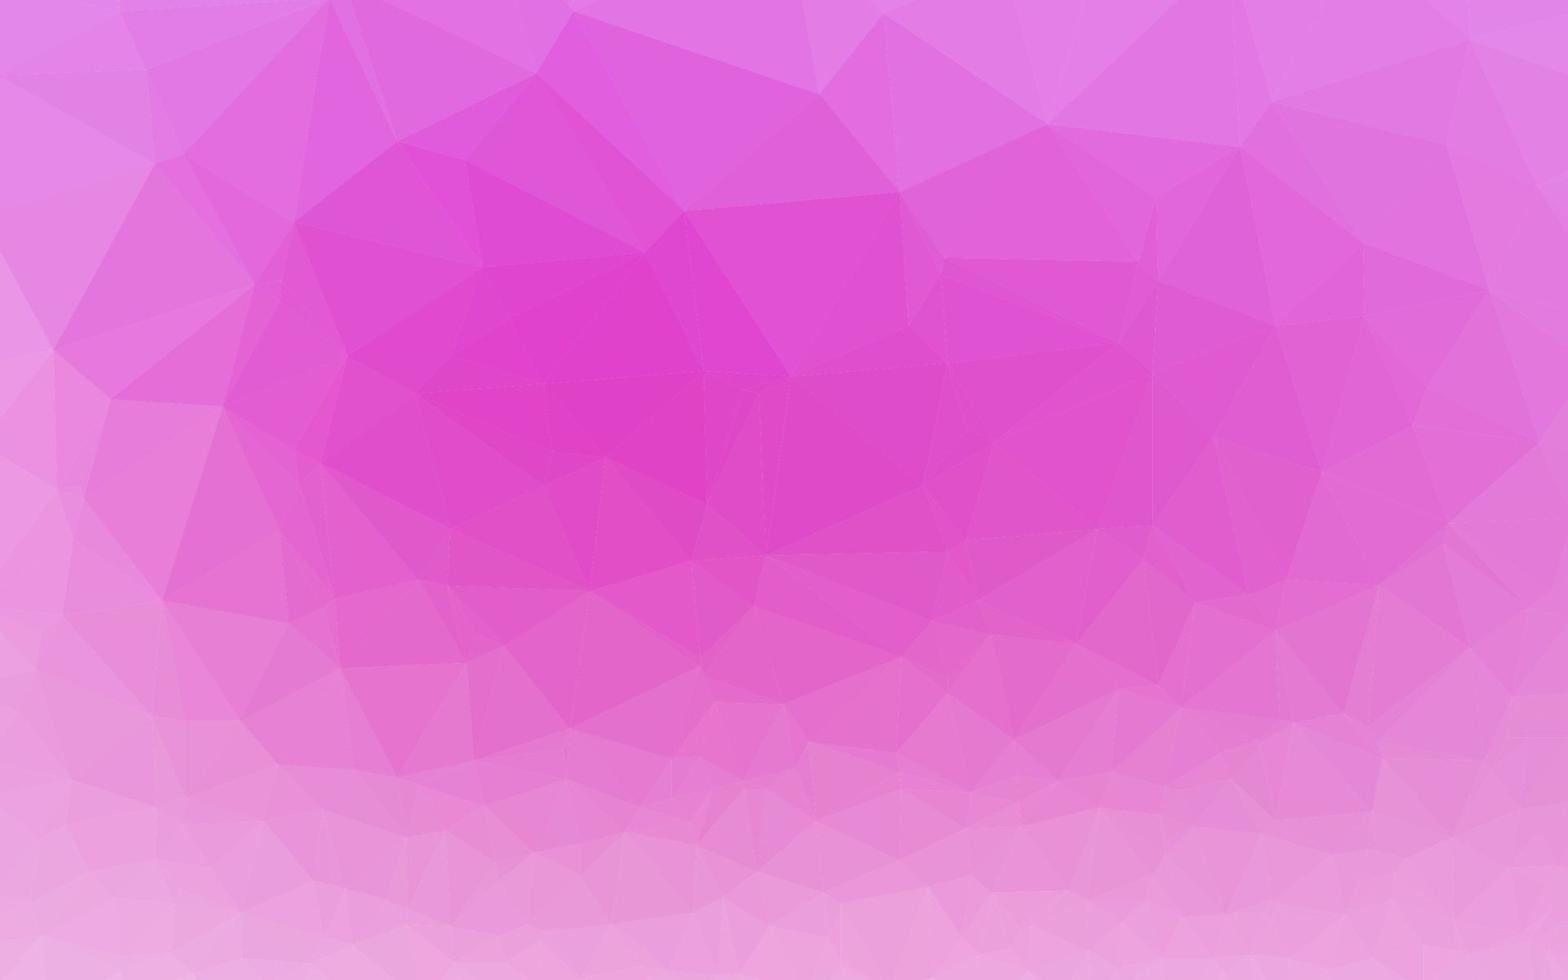 textura de baixo poli de vetor rosa claro.